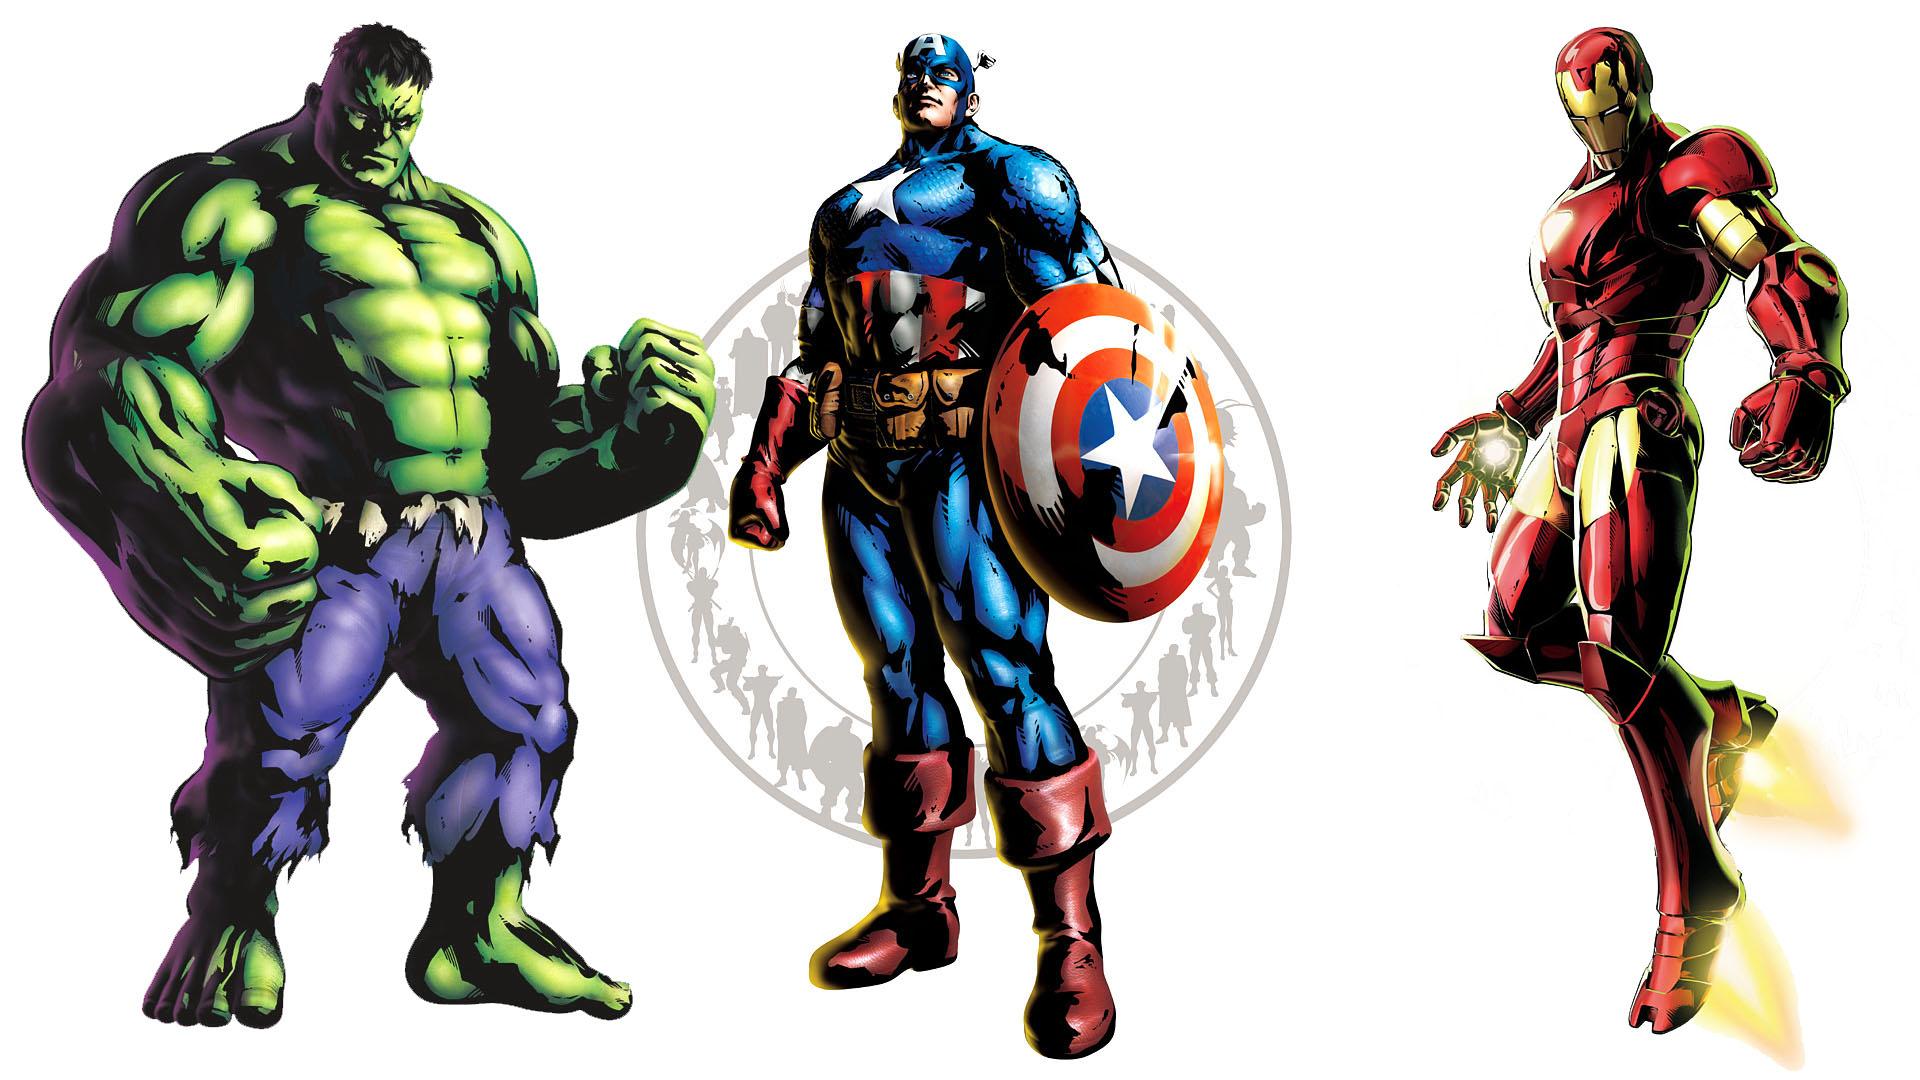 Super en couleurs à imprimer : Personnages célèbres - Comics - Hulk numéro MN91